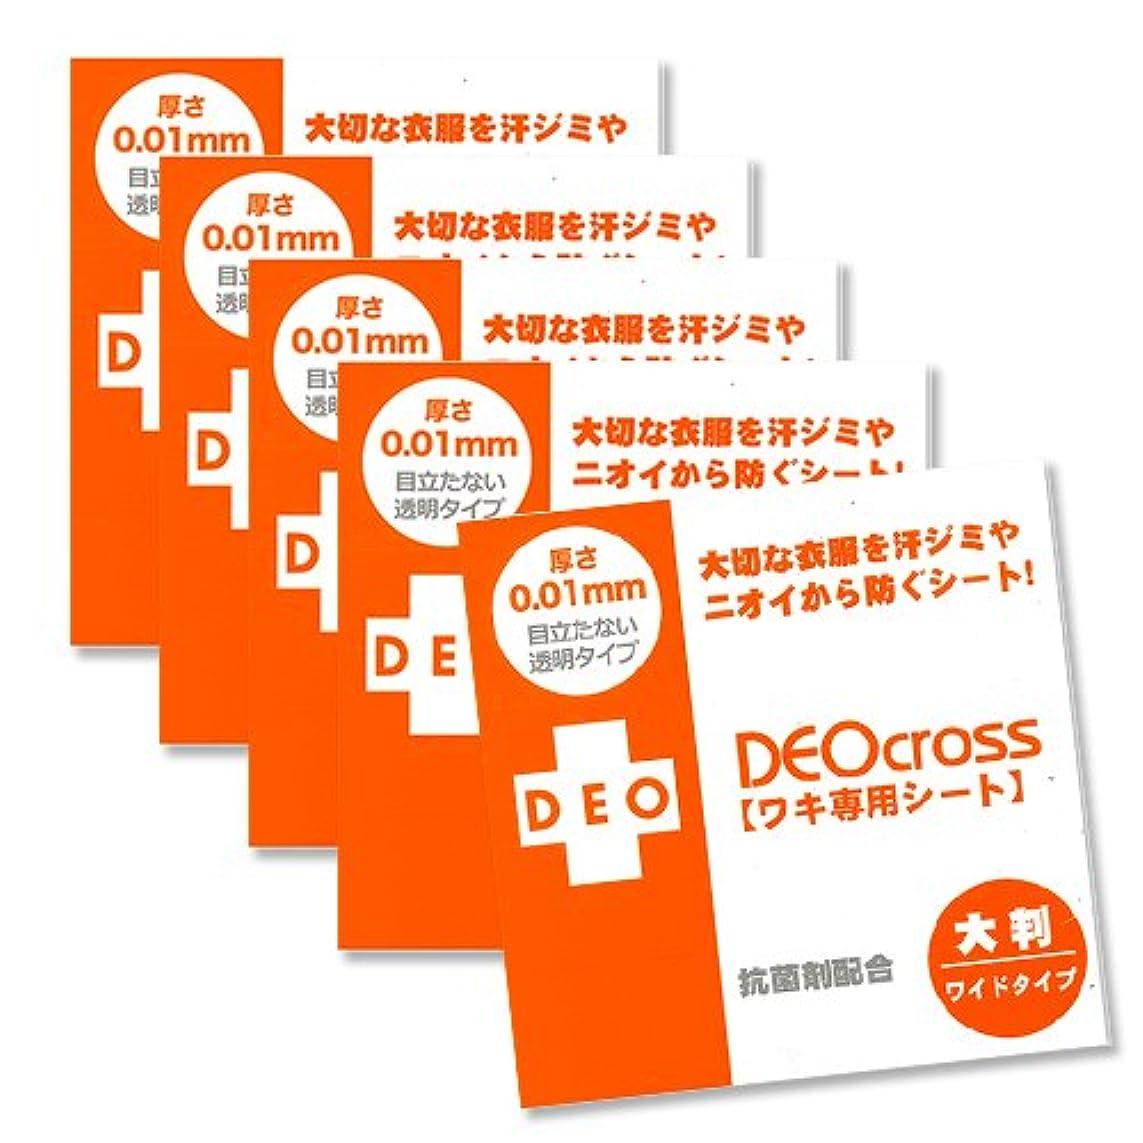 対角線説得力のあるオーチャード【ワキ専用シート】 デオクロス Deo Cross ワイドタイプ (50枚入りx5個セット)